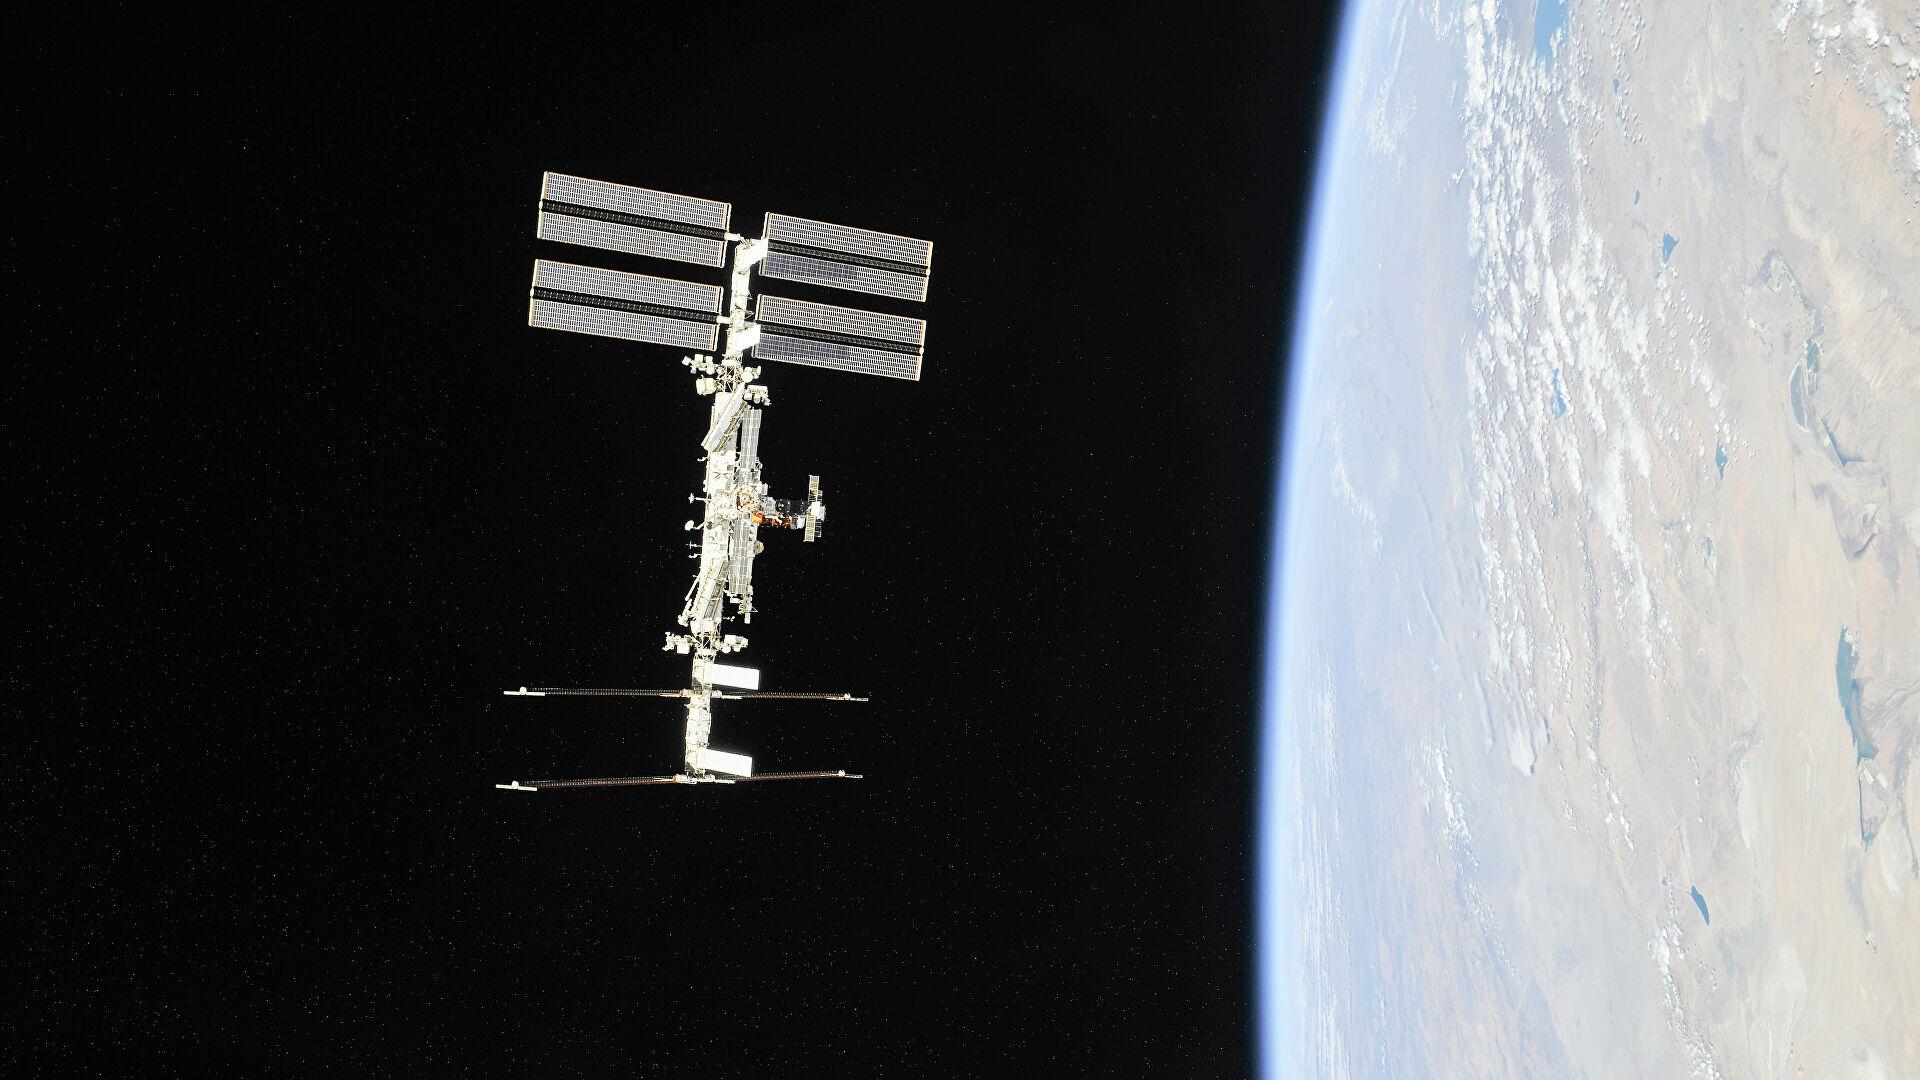 """""""Роскосмос"""" склопио уговор за развој космичког нуклеарног тегљача за летове на Месец"""